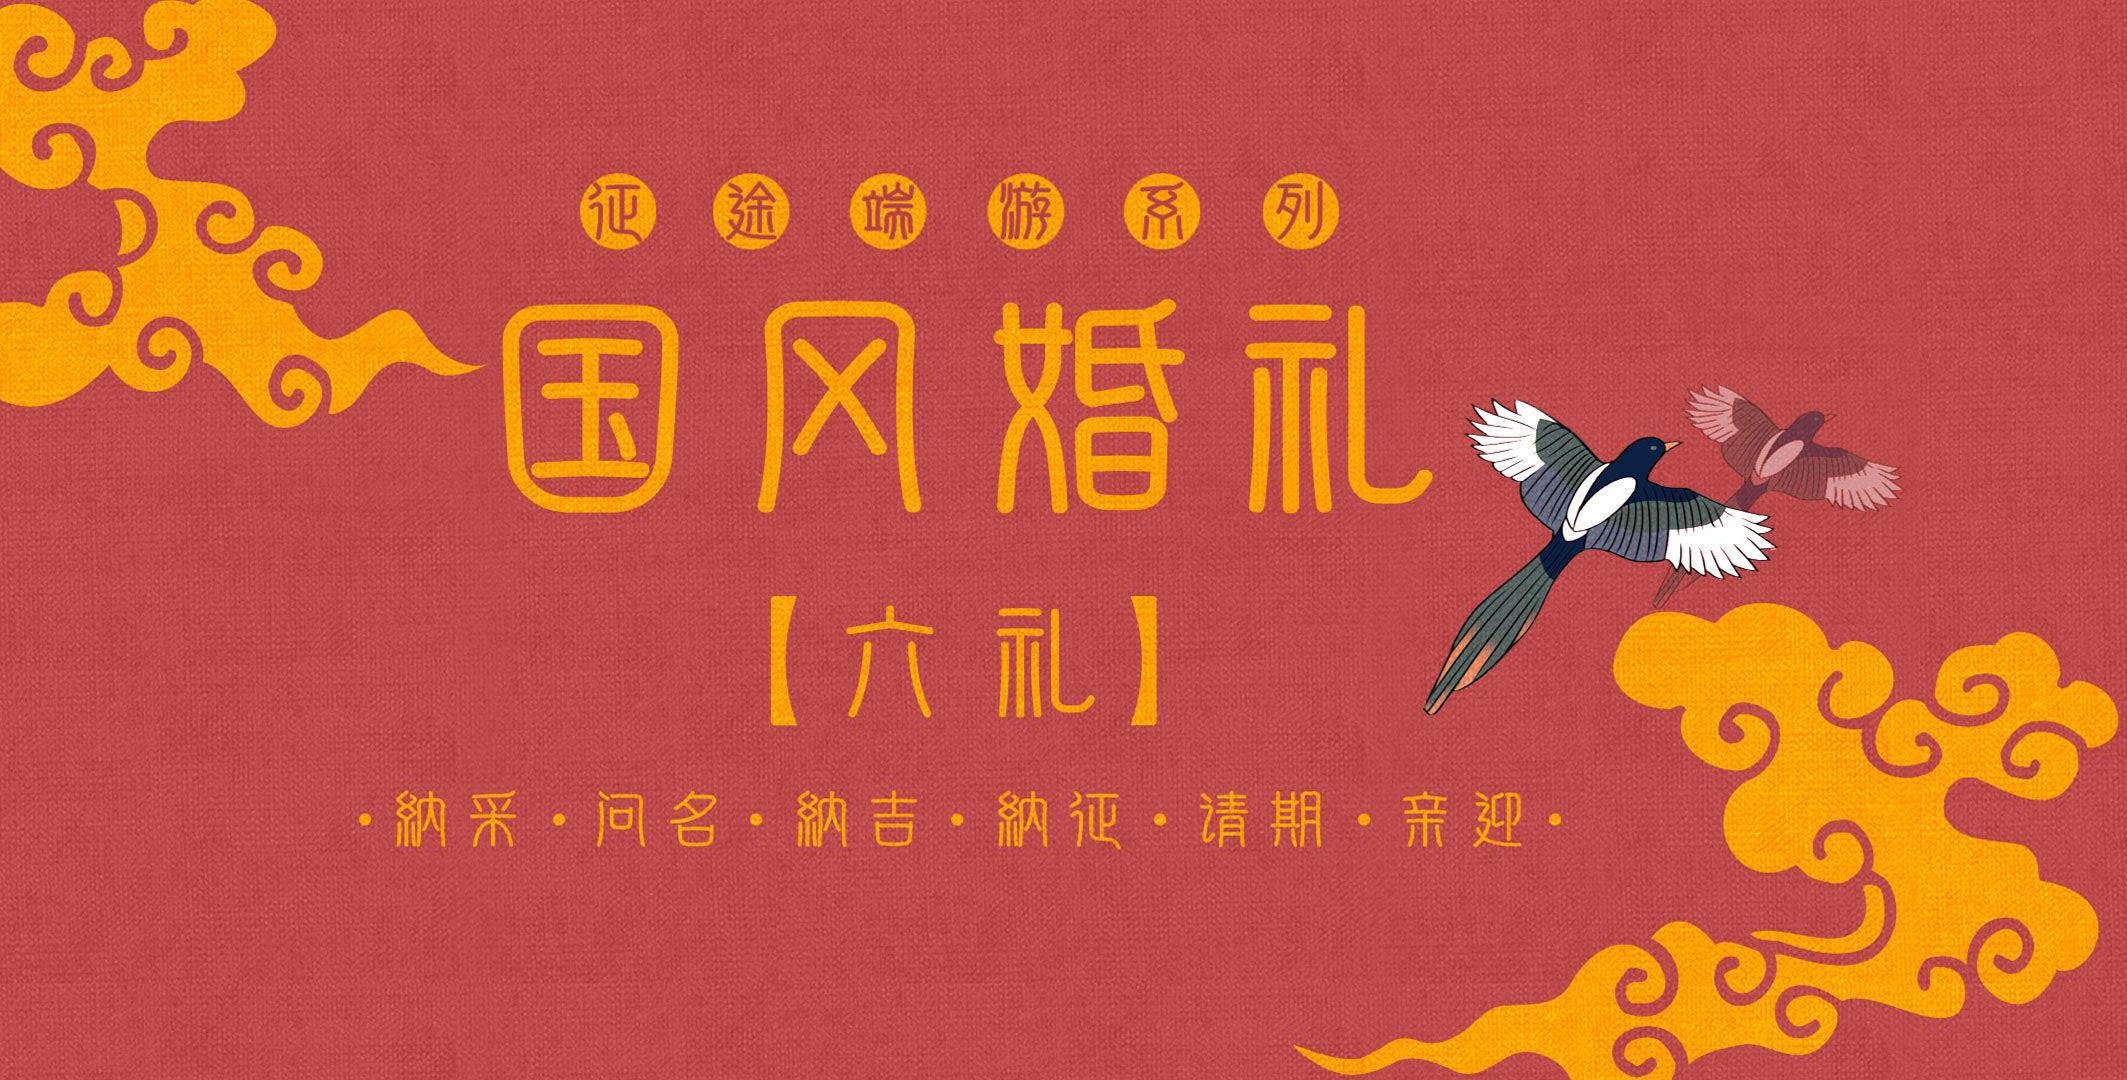 520古风海报鉴赏:国风婚礼!